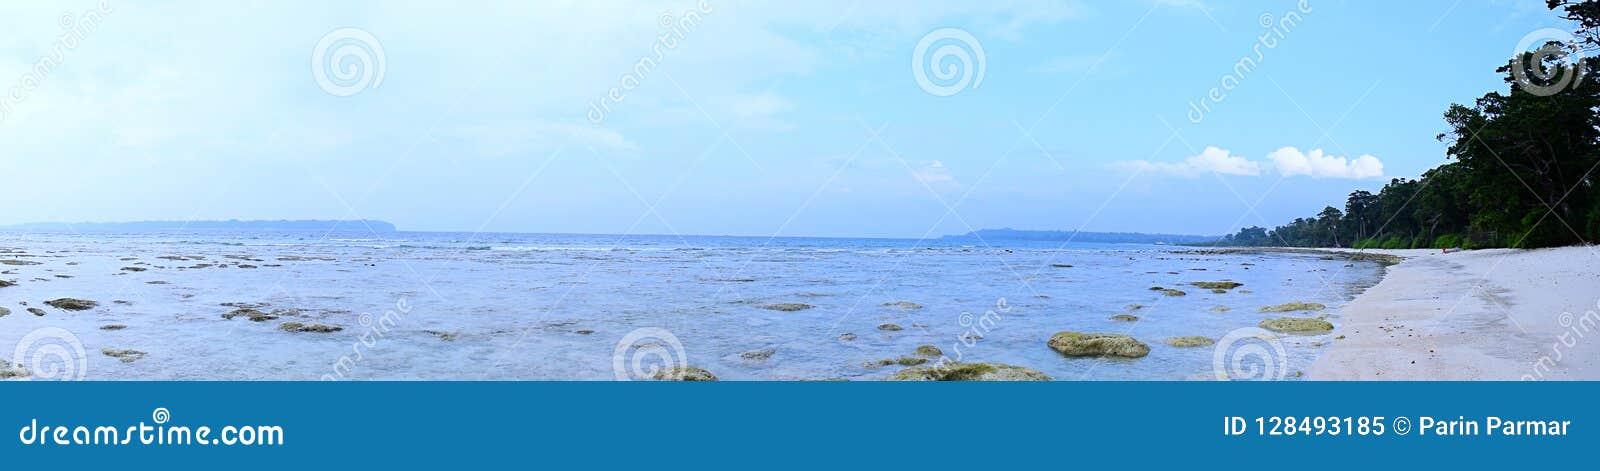 Panorama van Azure Sea Water, Rotsachtige en Sandy Pristine Beach, Kustvegetatie, en Duidelijke Blauwe Hemel - Zeegezicht